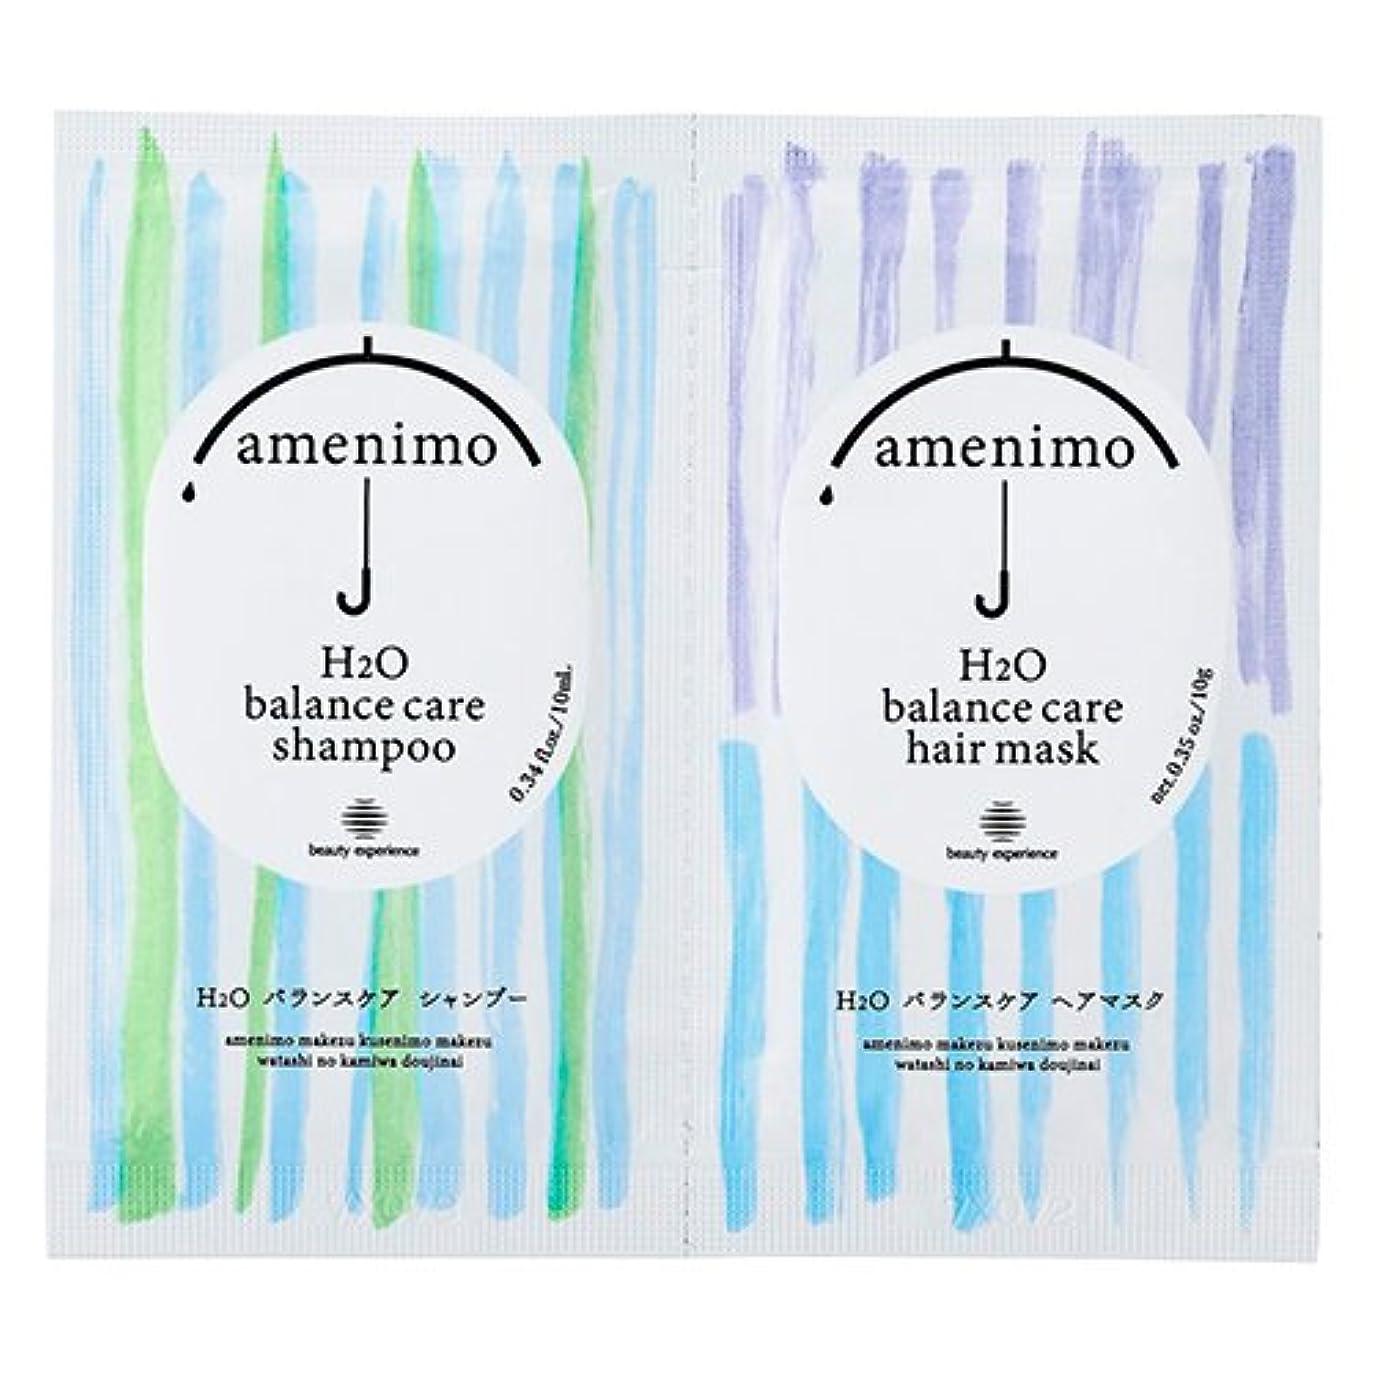 素晴らしさ吐く不承認amenimo(アメニモ) H2O バランスケア シャンプー&ヘアマスク 1dayお試し 10mL+10g